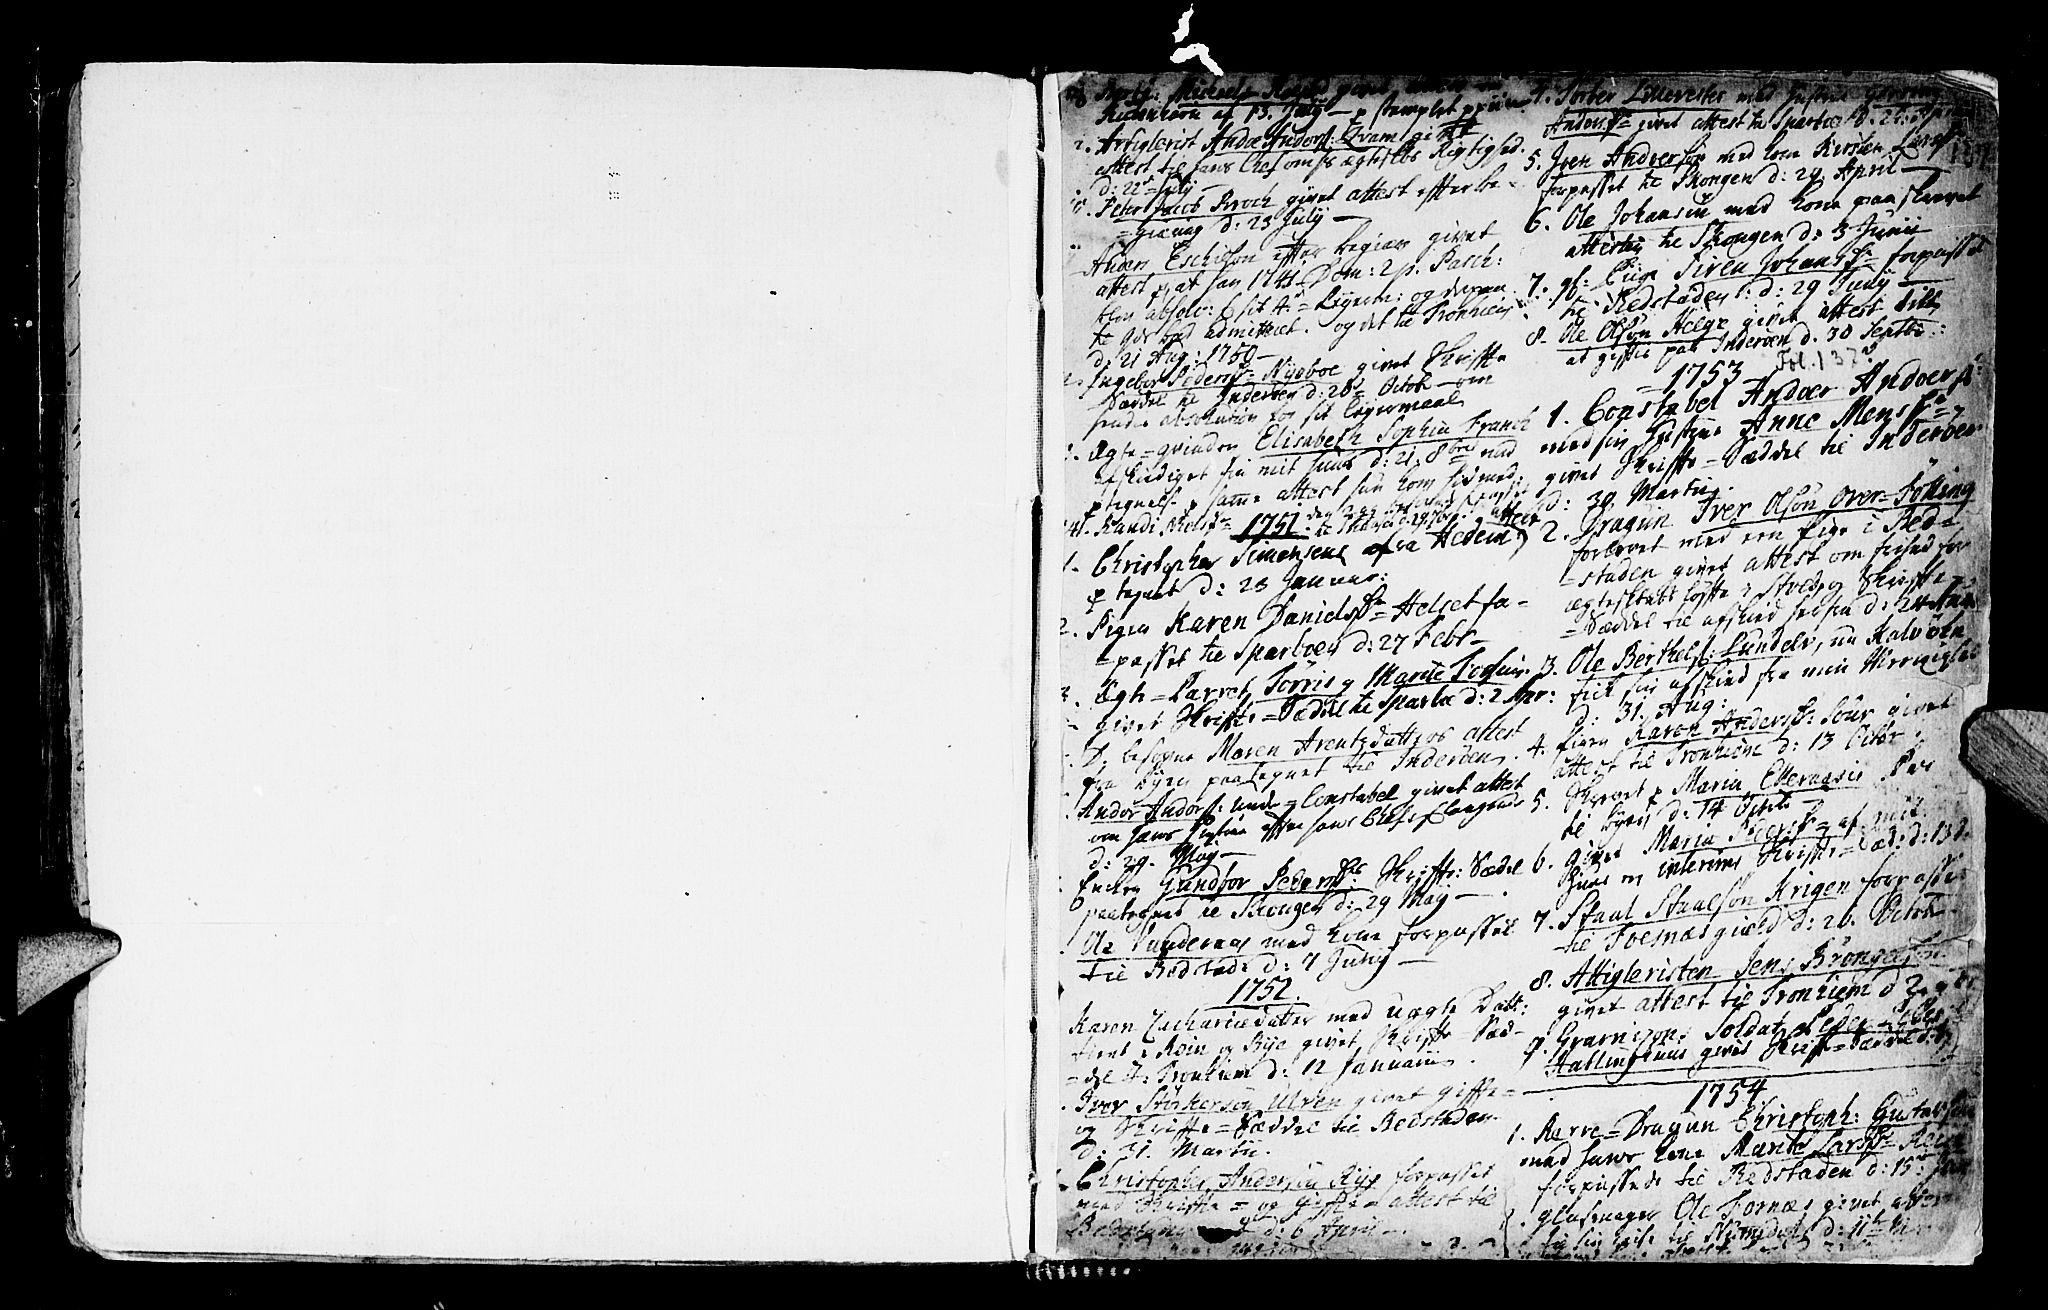 SAT, Ministerialprotokoller, klokkerbøker og fødselsregistre - Nord-Trøndelag, 746/L0439: Ministerialbok nr. 746A01, 1688-1759, s. 137